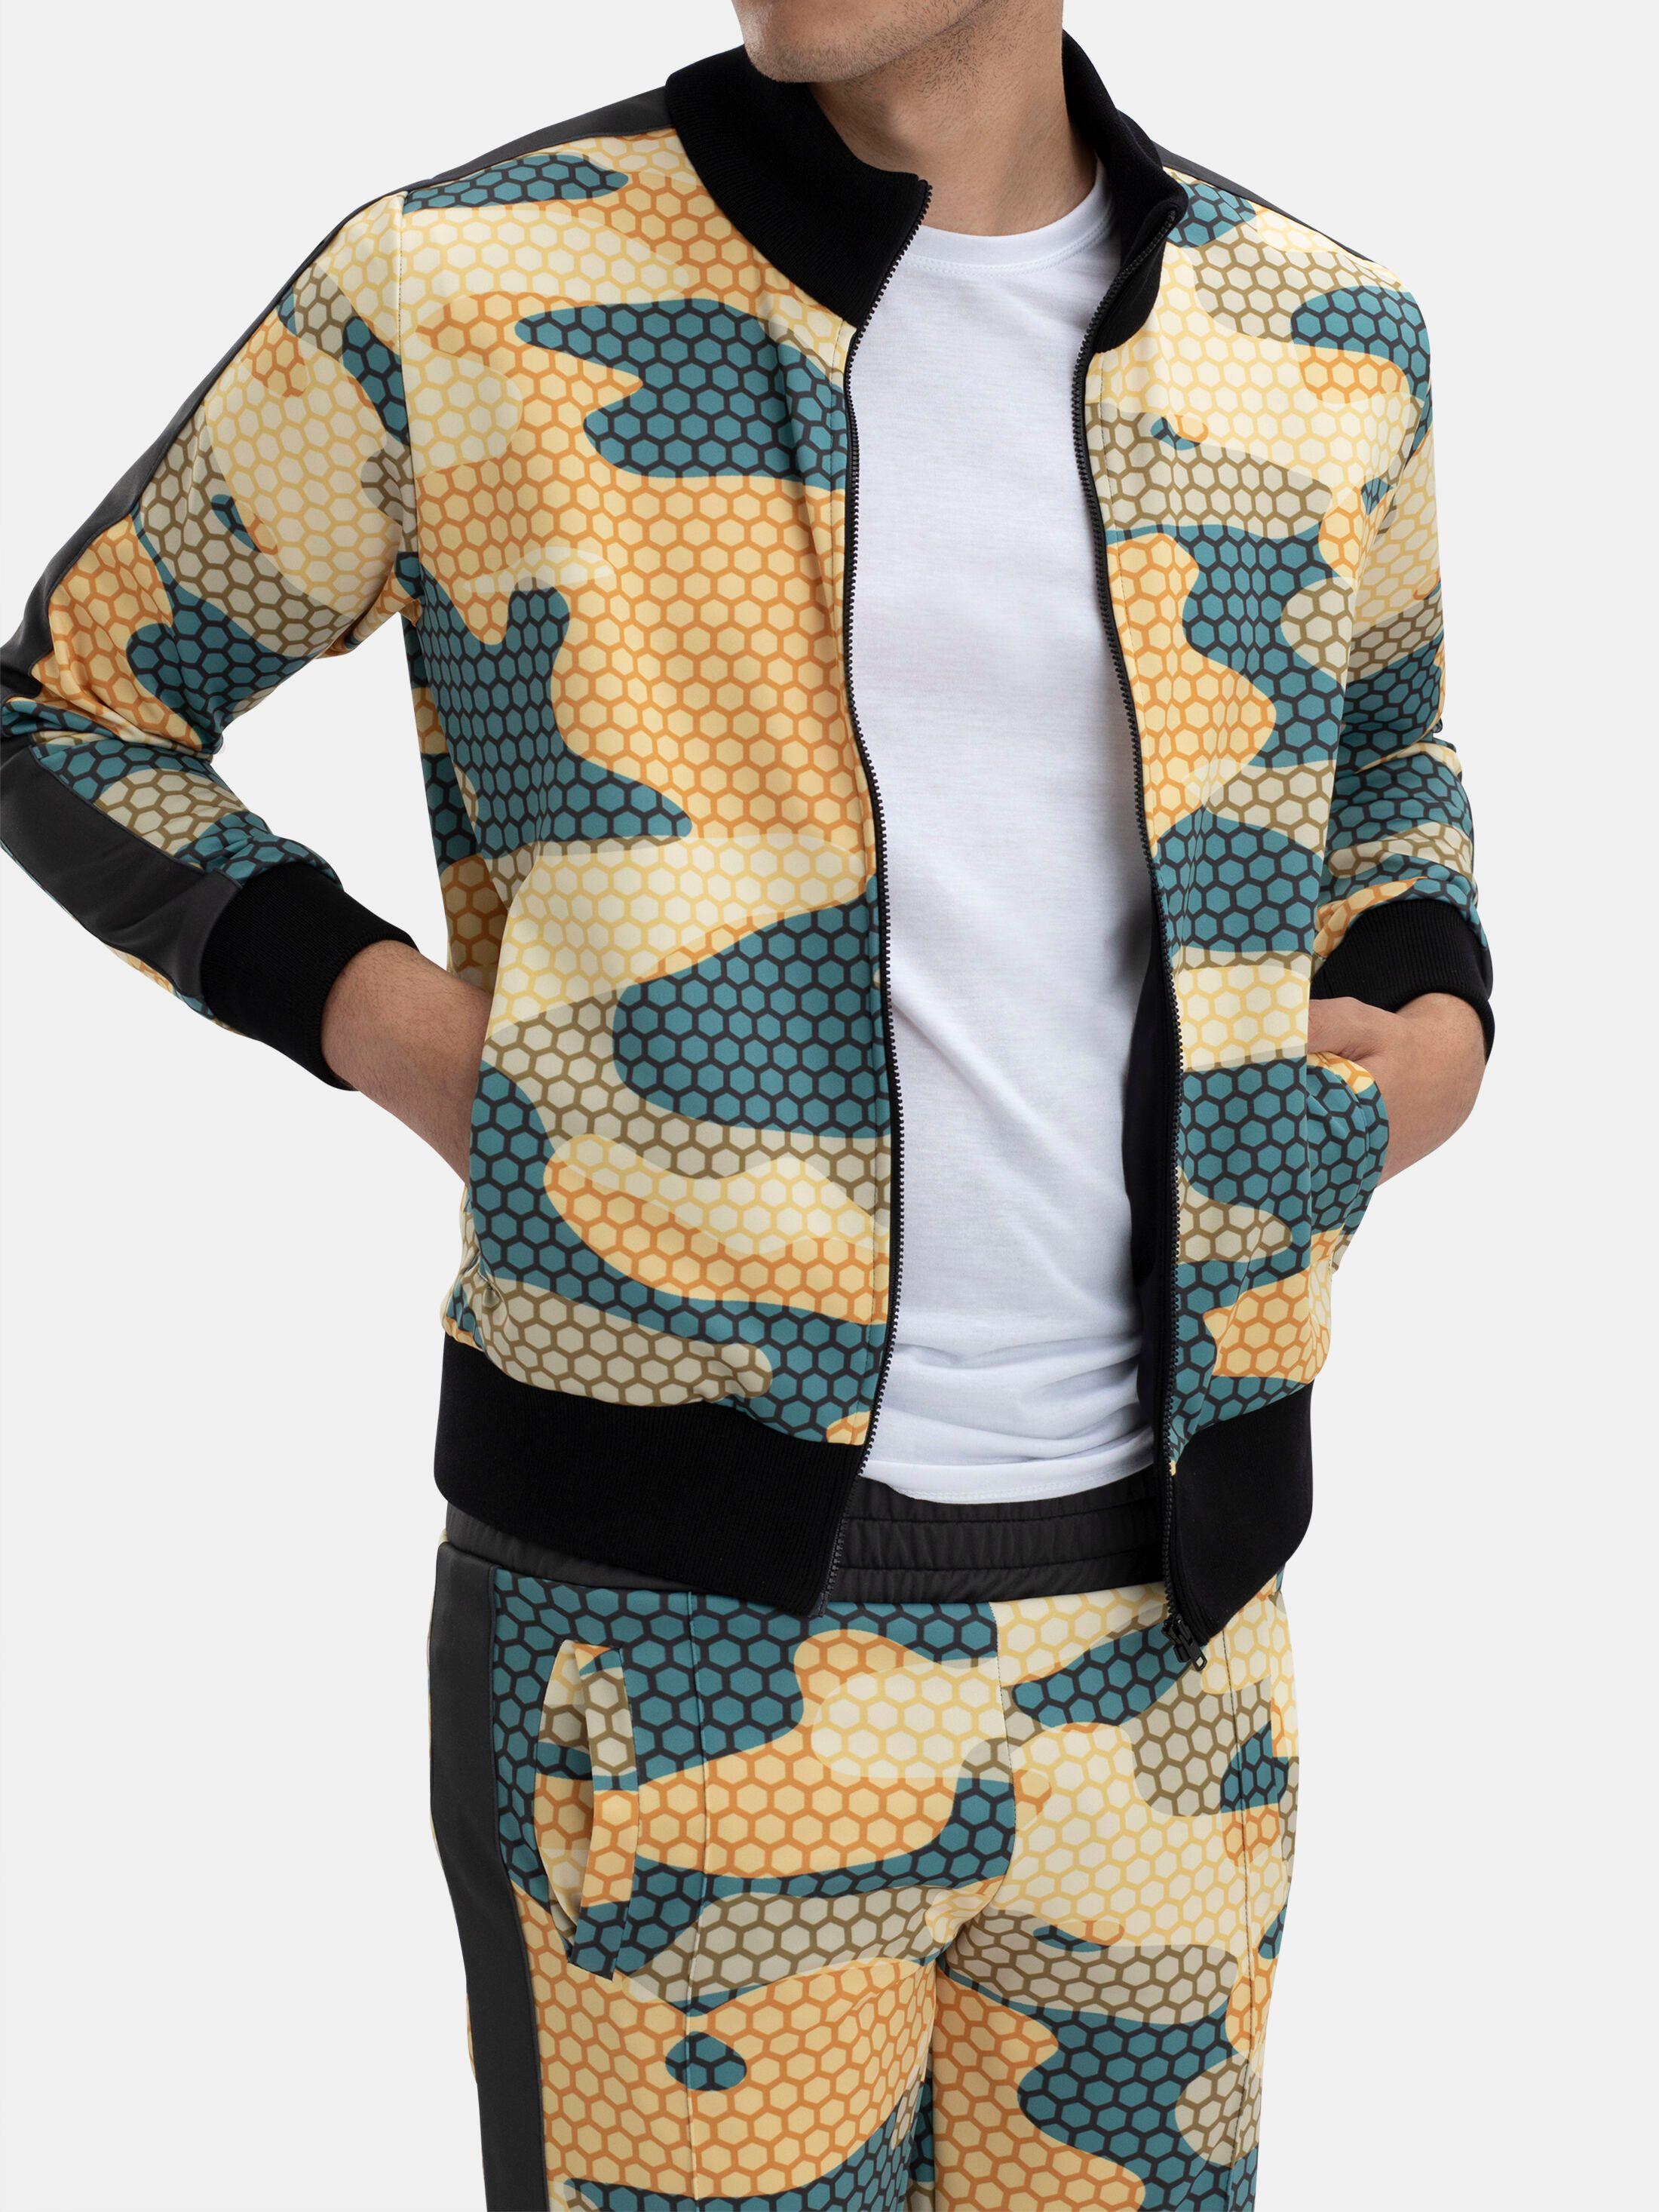 Designa din egen träningsoverall med jacka & byxor